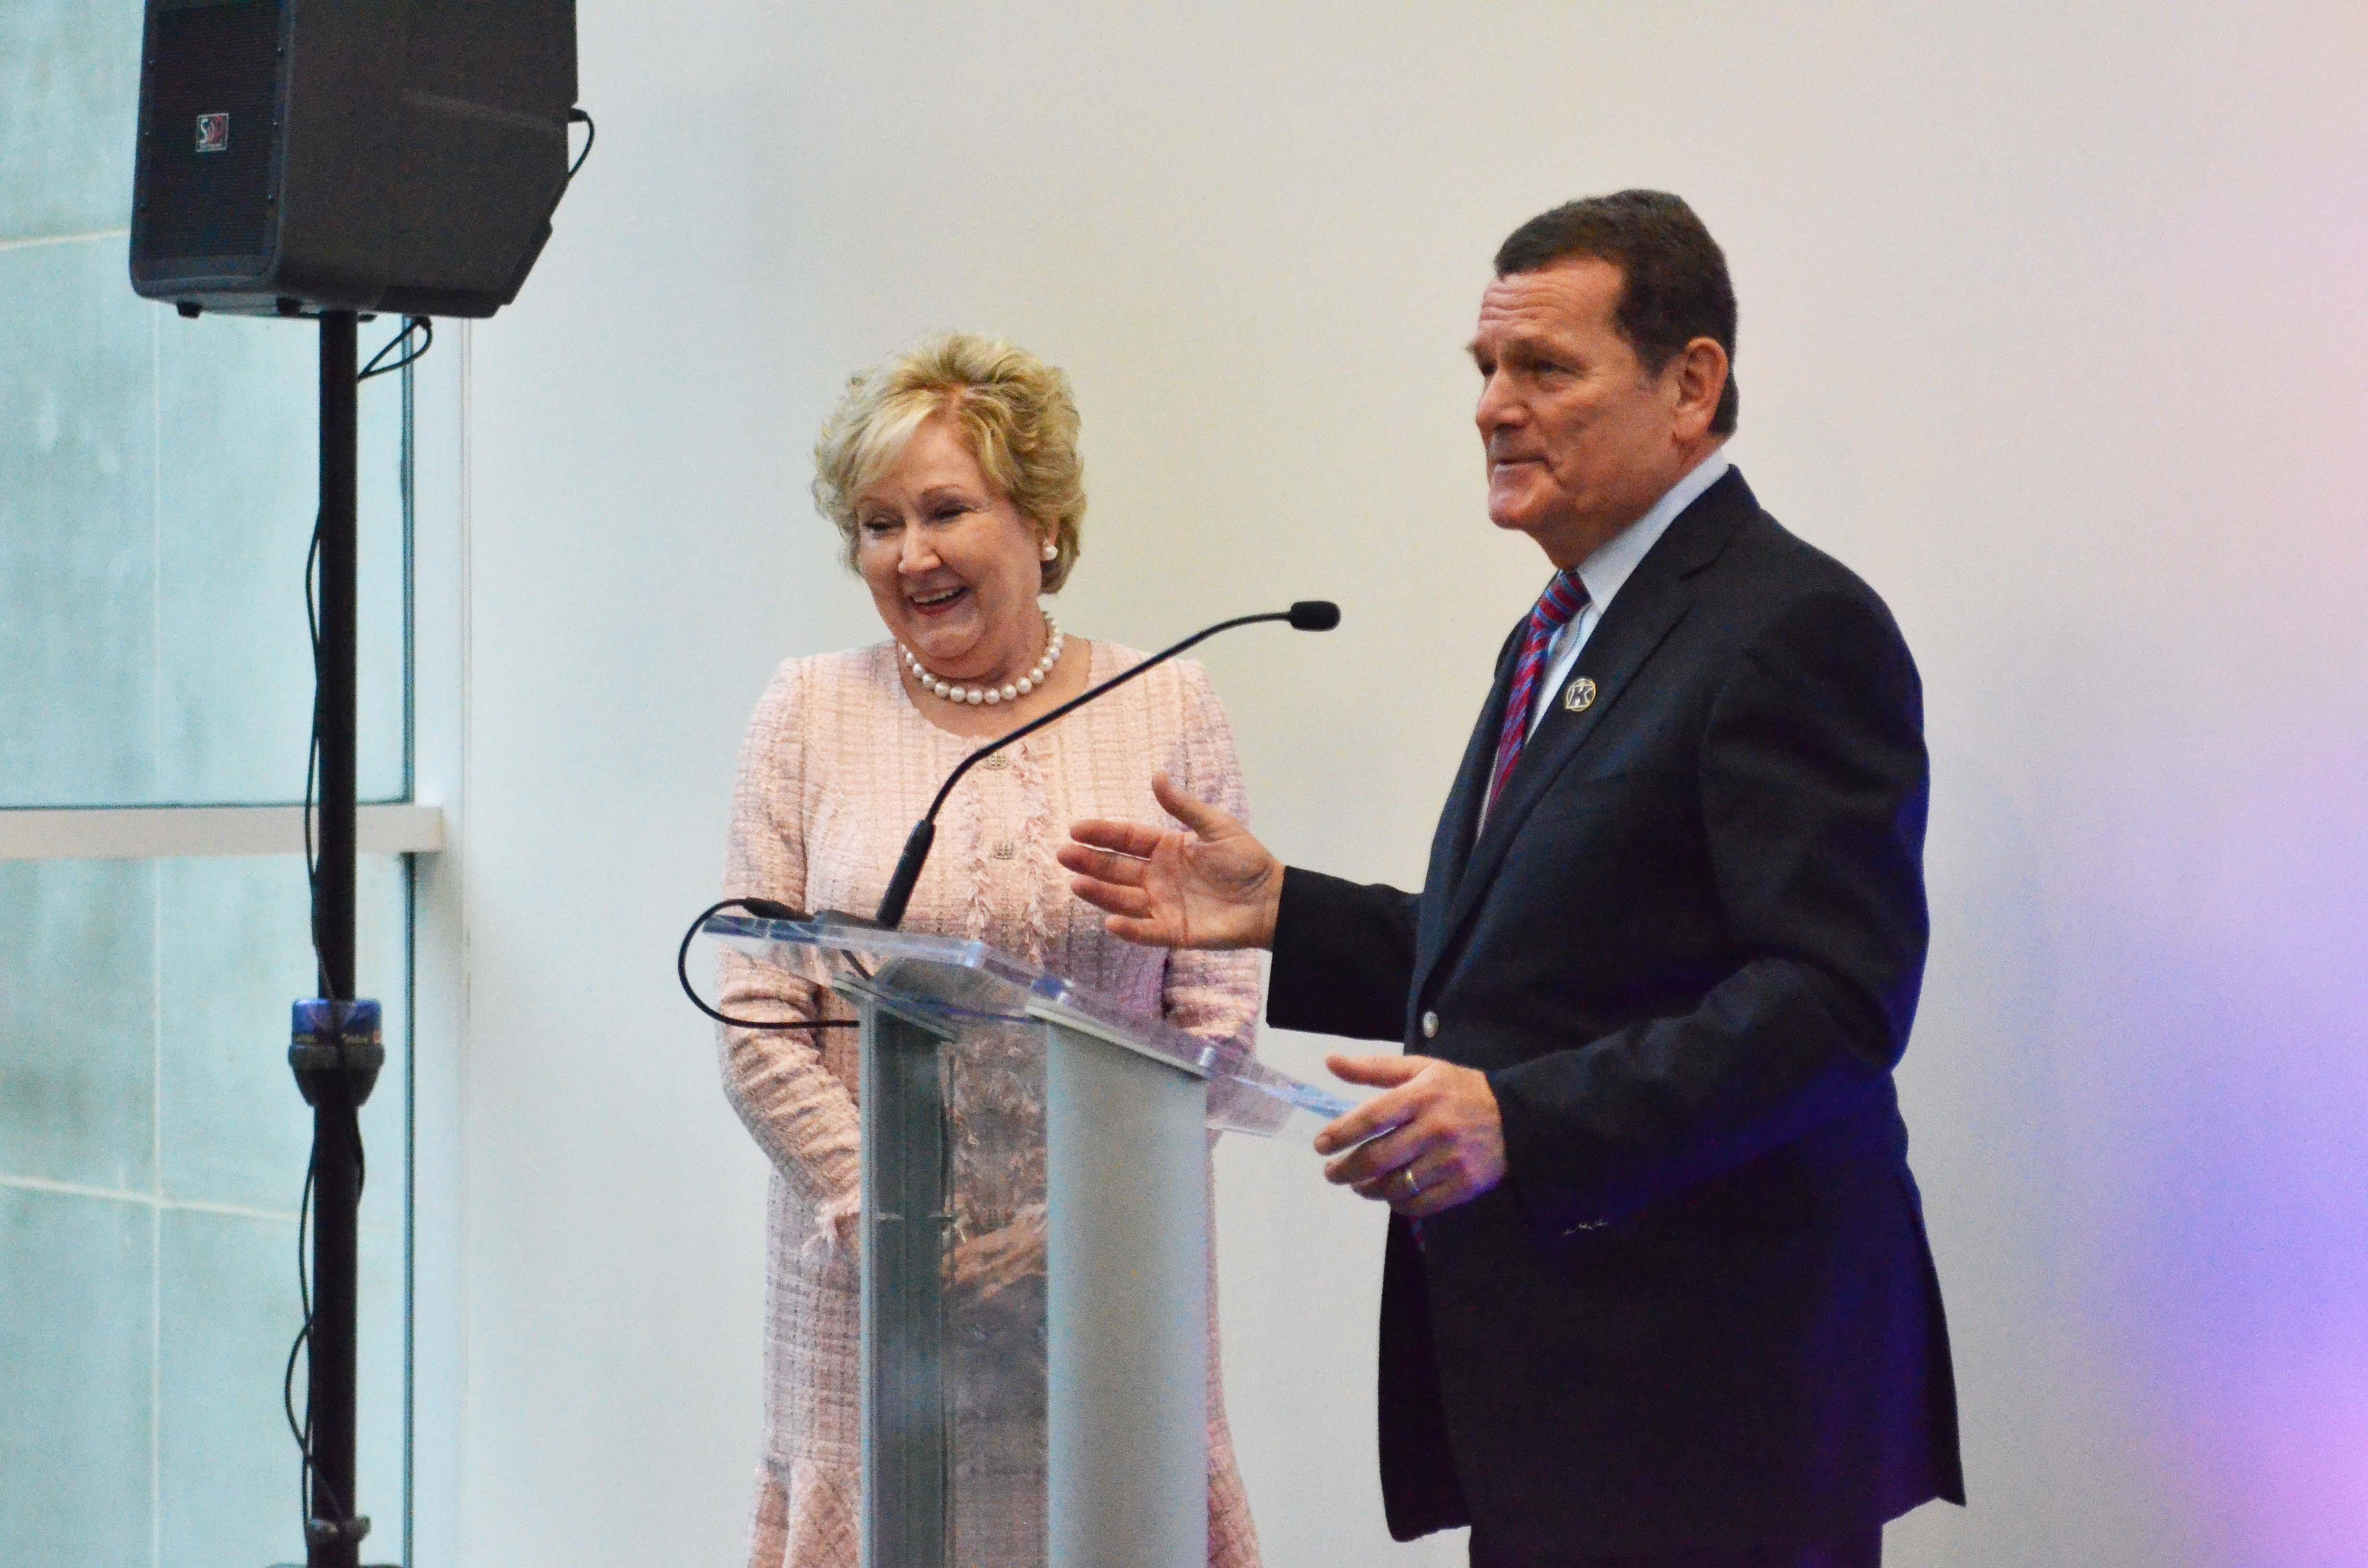 Carol A. and Douglas M. Mancino Speaking During Dedication